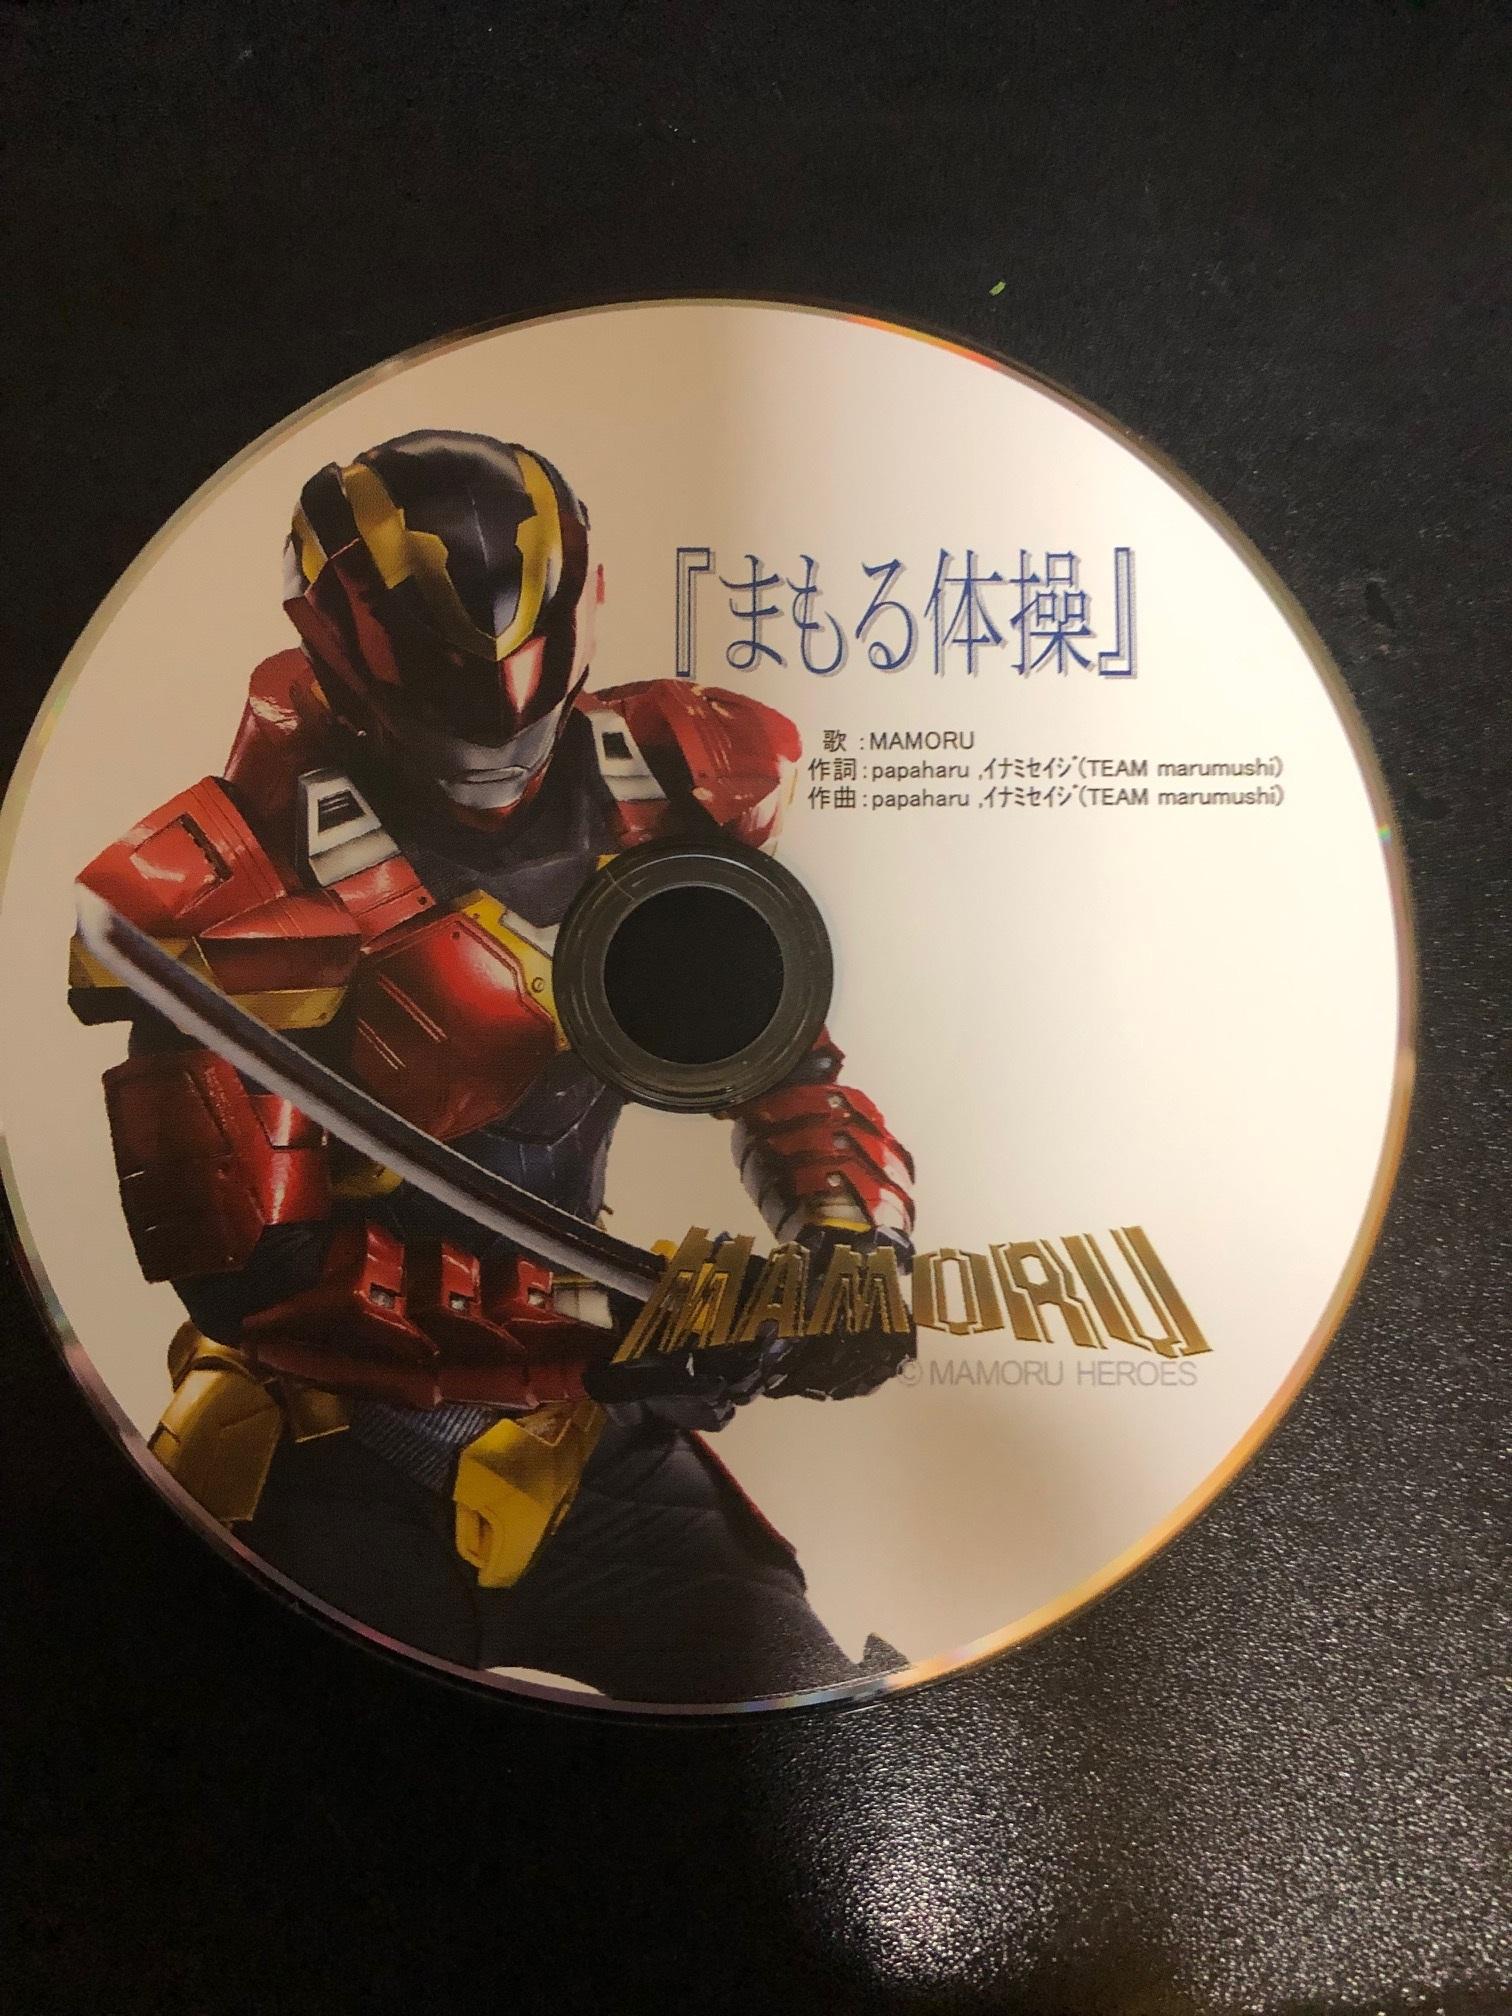 まもる体操CD完成です 歌MAMORUとカラオケの2曲です